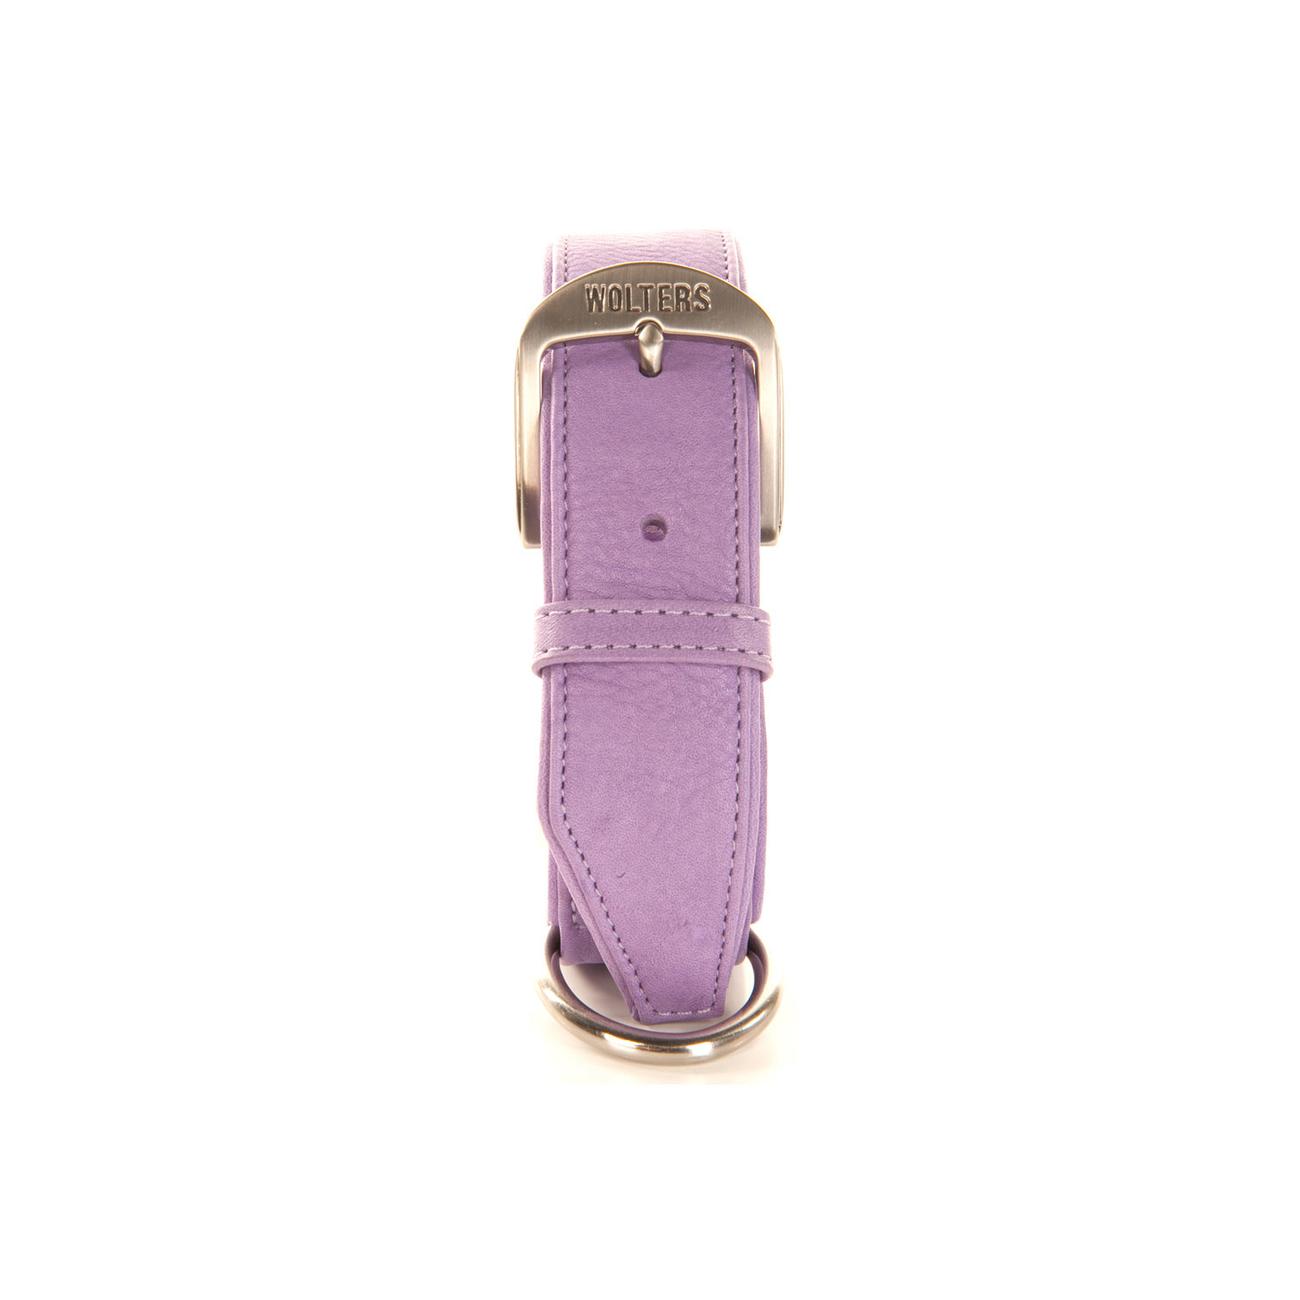 Wolters Halsband Terravita Leder flach, Bild 11